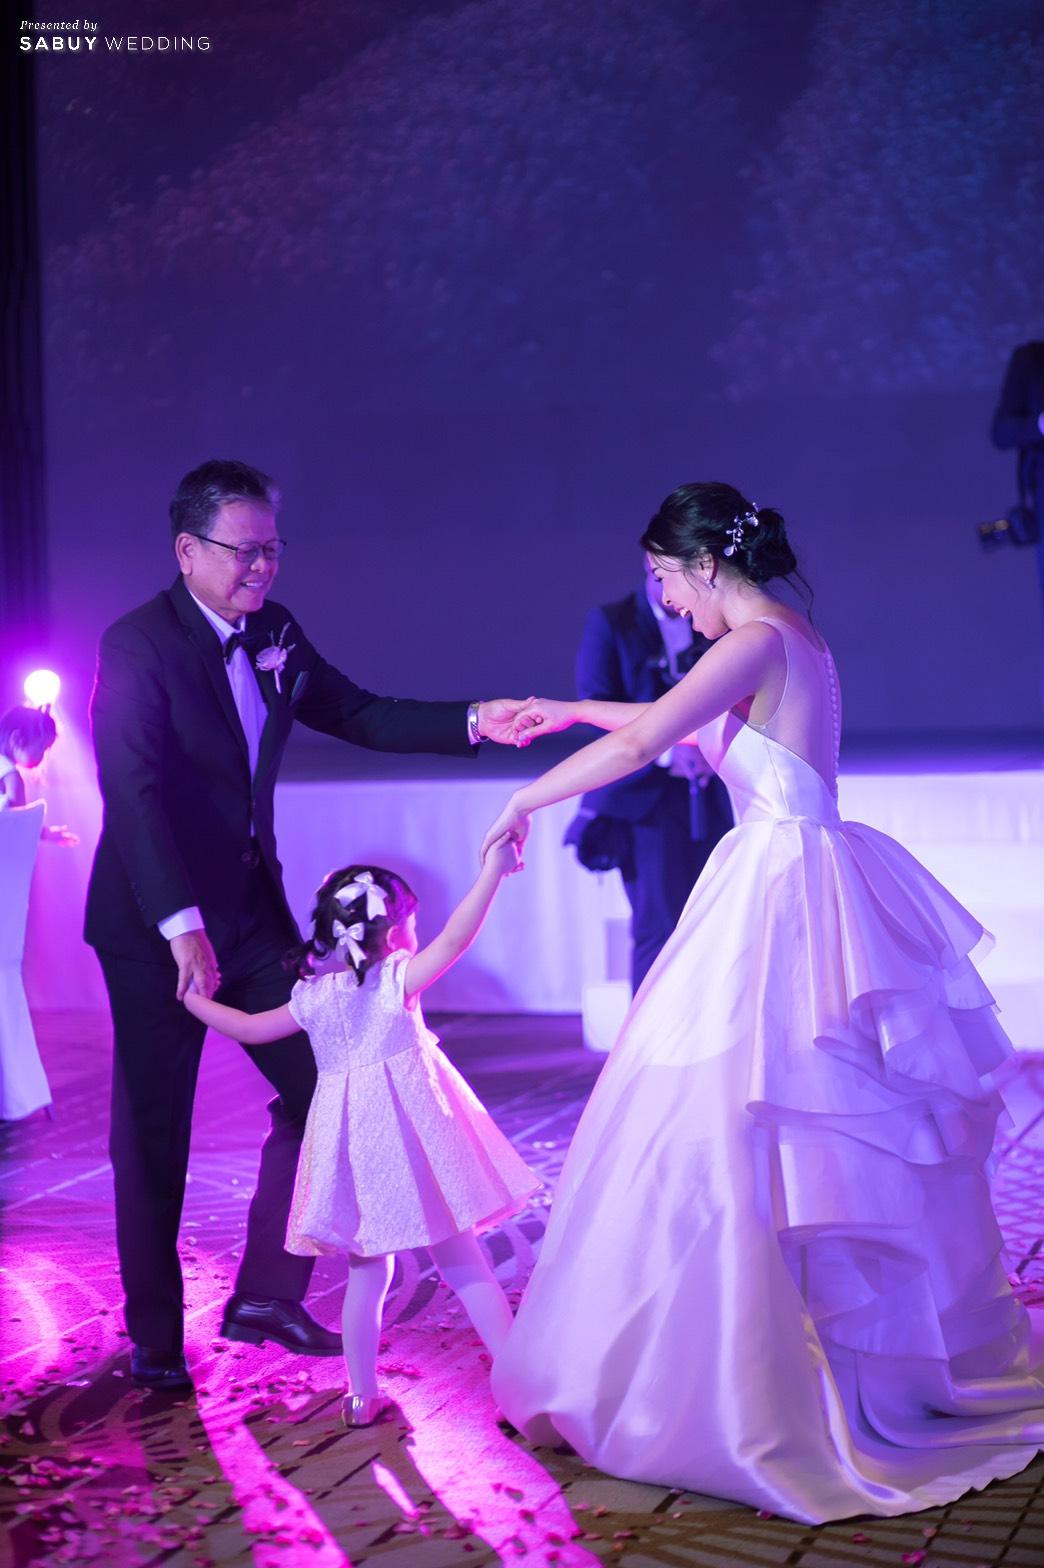 ชุดแต่งงานเจ้าสาว รีวิวงานแต่ง Minimal in Lavender เก๋ไม่ซ้ำใครสไตล์ Go Green @ SO/BANGKOK